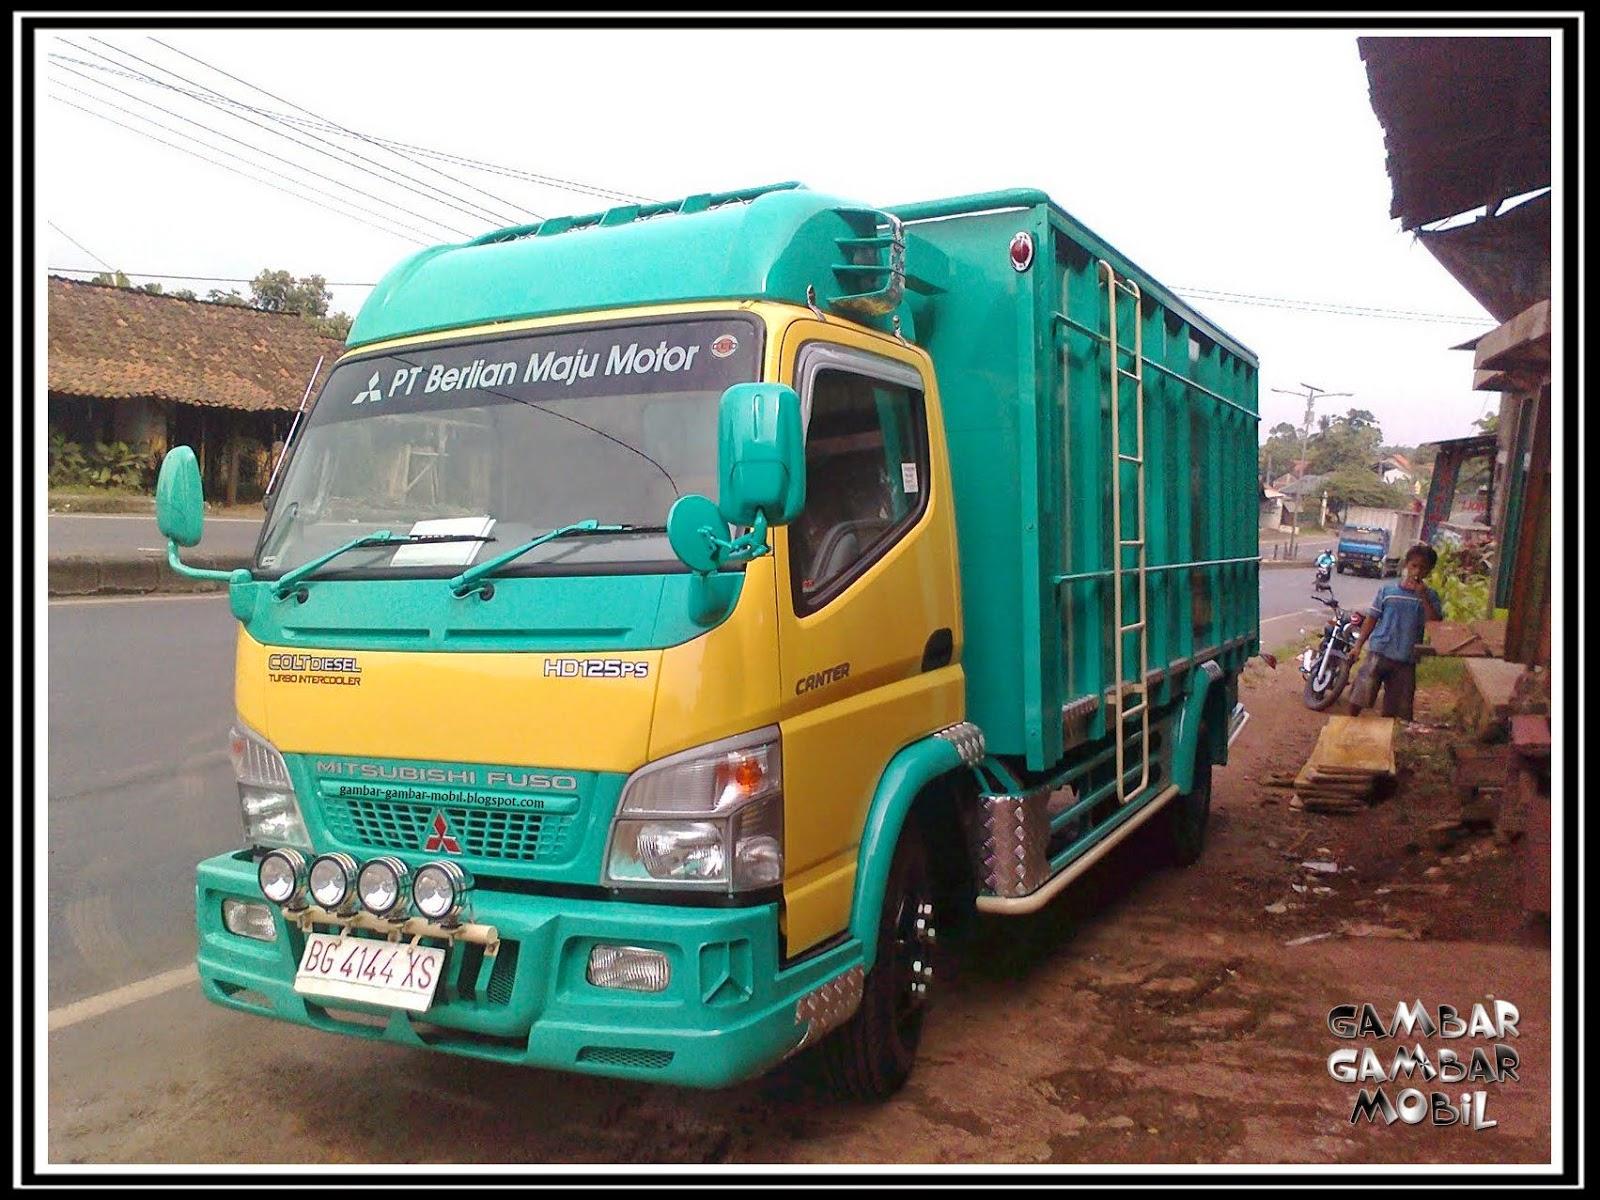 Gambar Modifikasi Truk Hino Dutro Koleksi Ide 41 Modifikasi Mobil Truk Dutro Terkeren Ontong